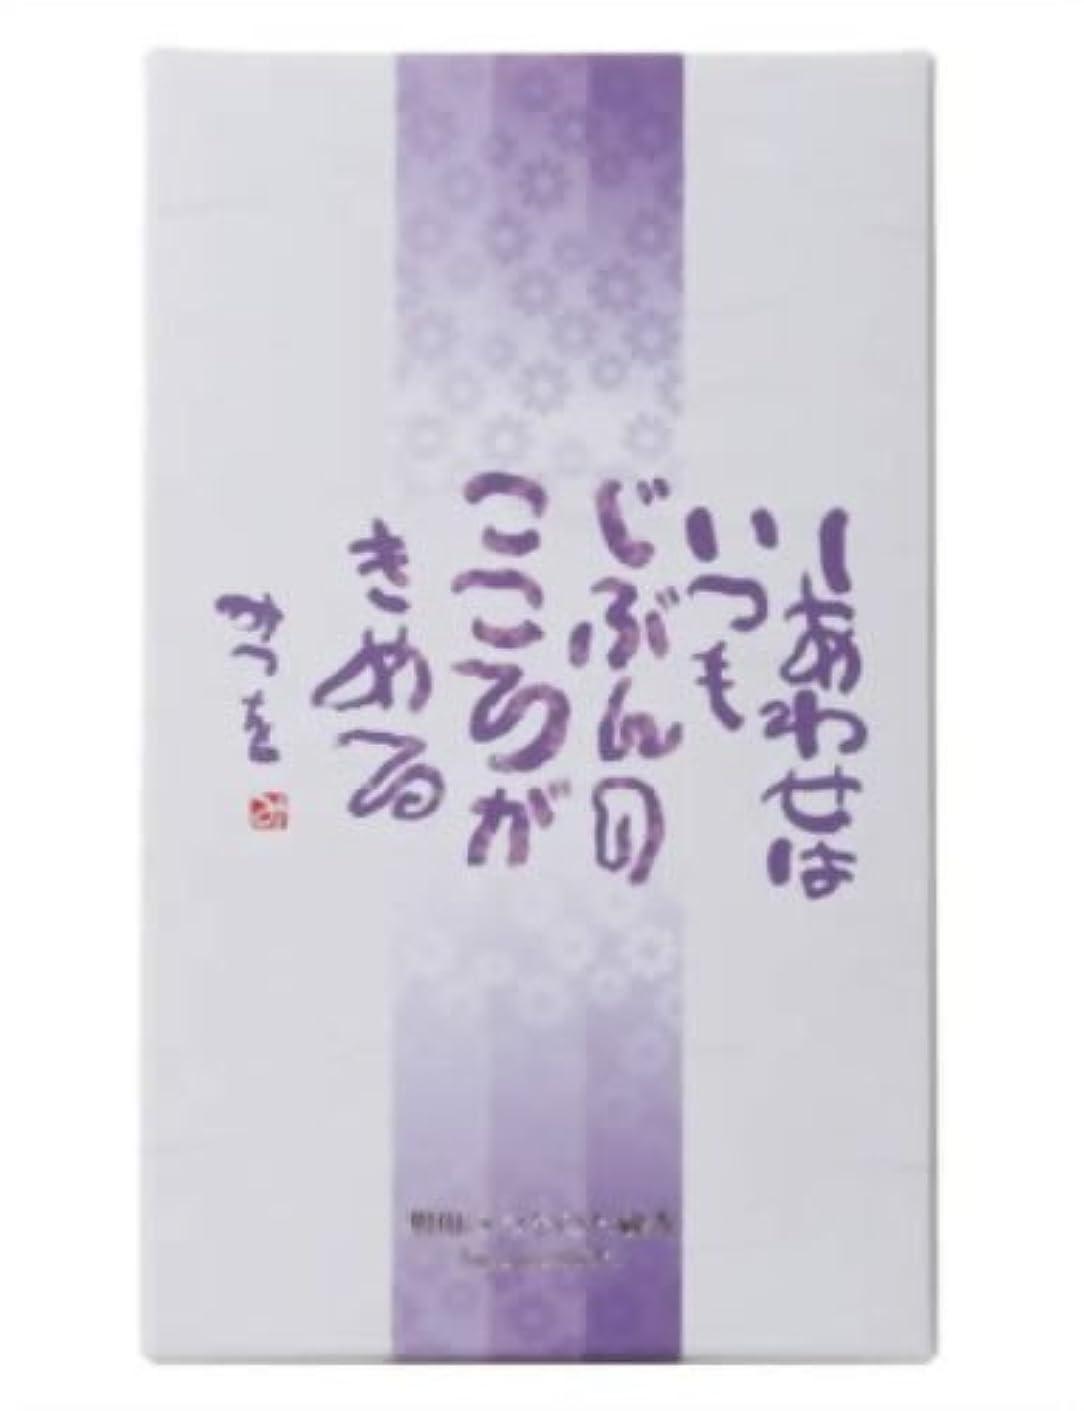 カウント見積りサージ相田みつをのお線香 しあわせ バラ詰 身蓋箱